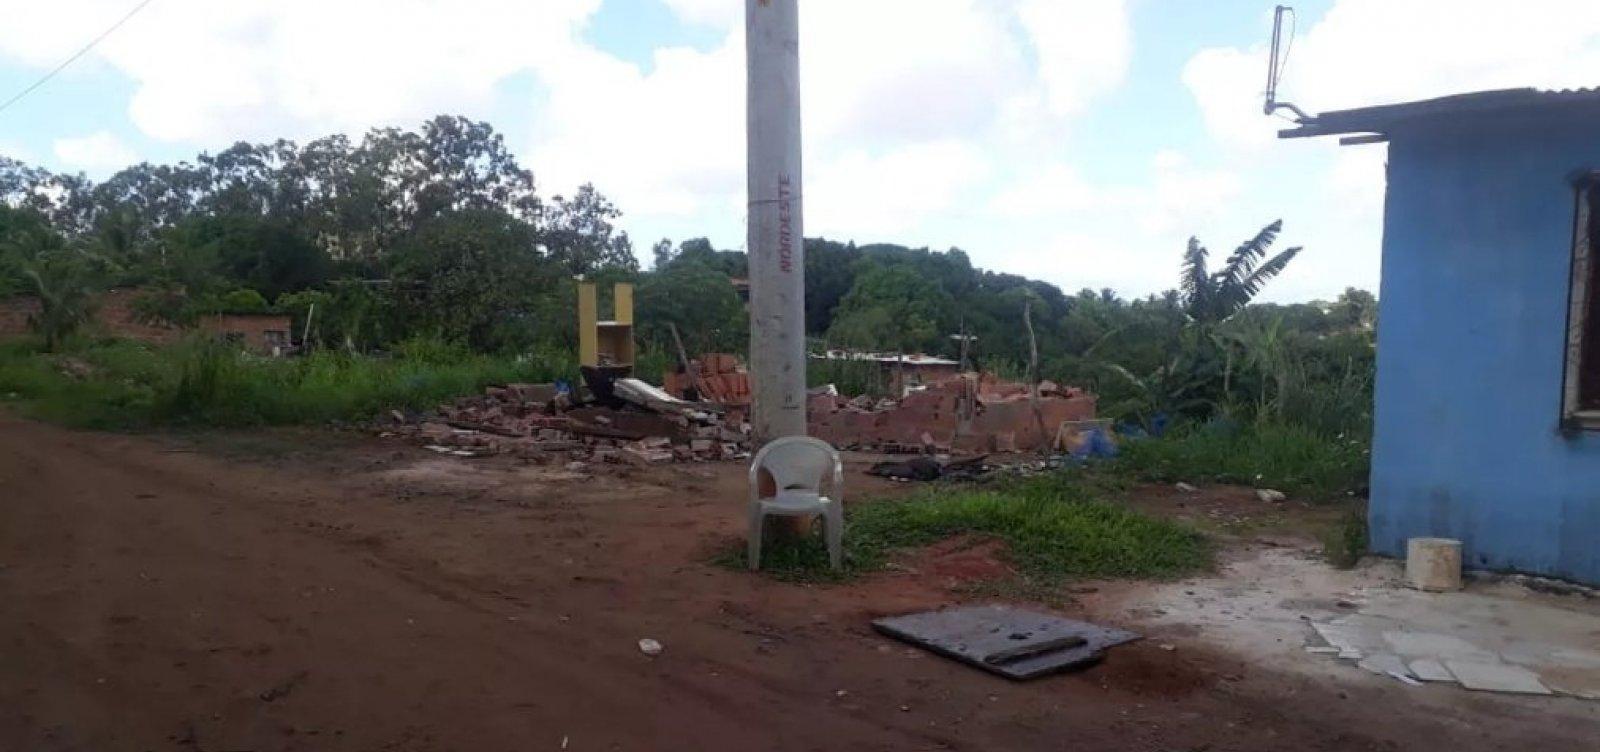 [Mais de 30 barracos são derrubados em área de proteção ambiental de Salvador]